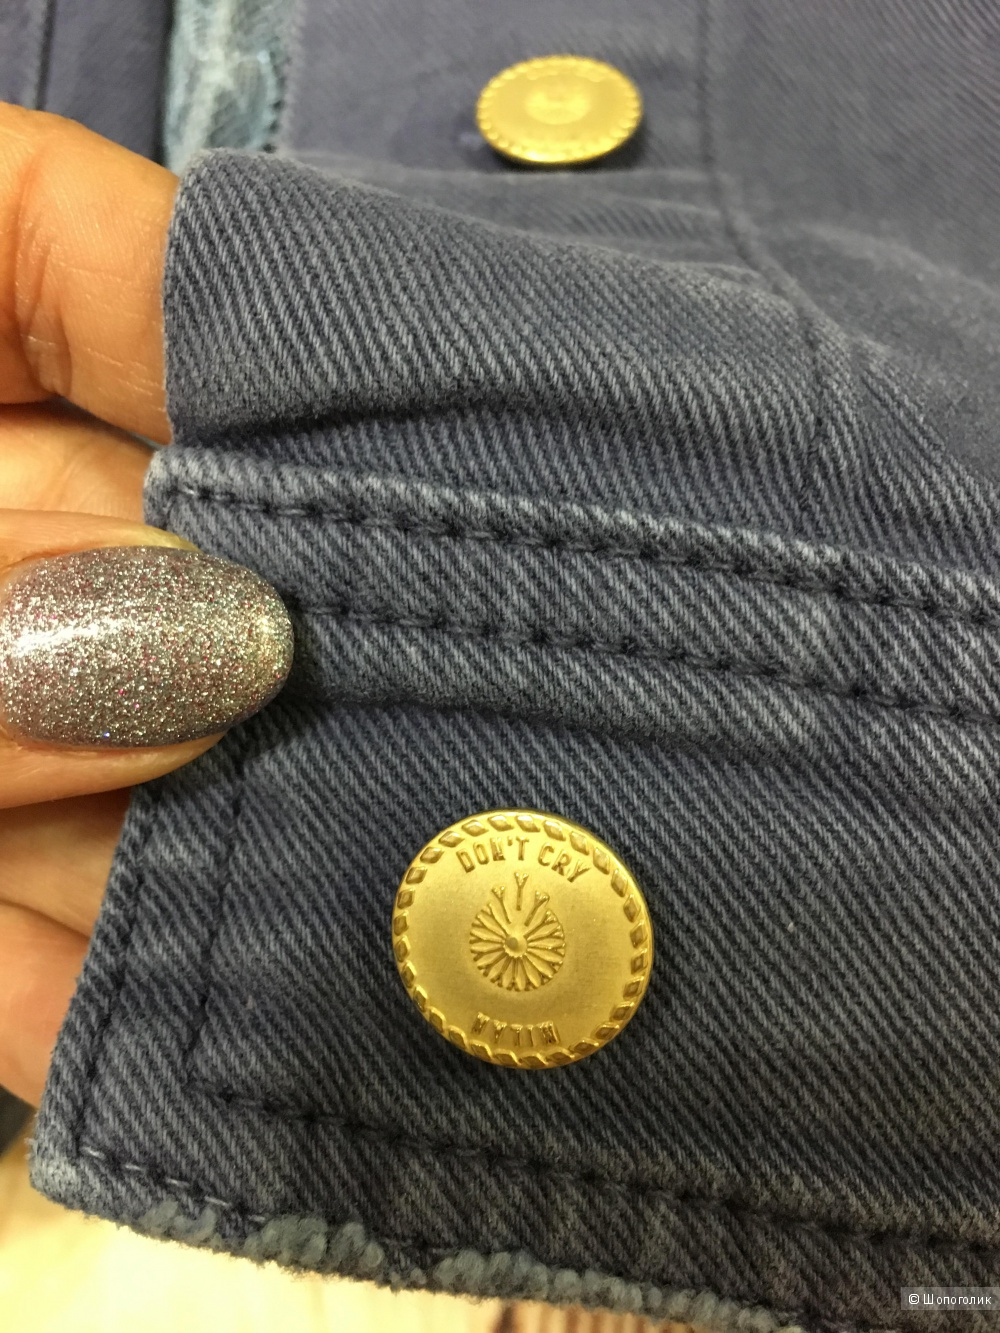 Джинсовая куртка DON'T CRY, 4 (Размер, использованный Дизайнером). На рос. 44-46